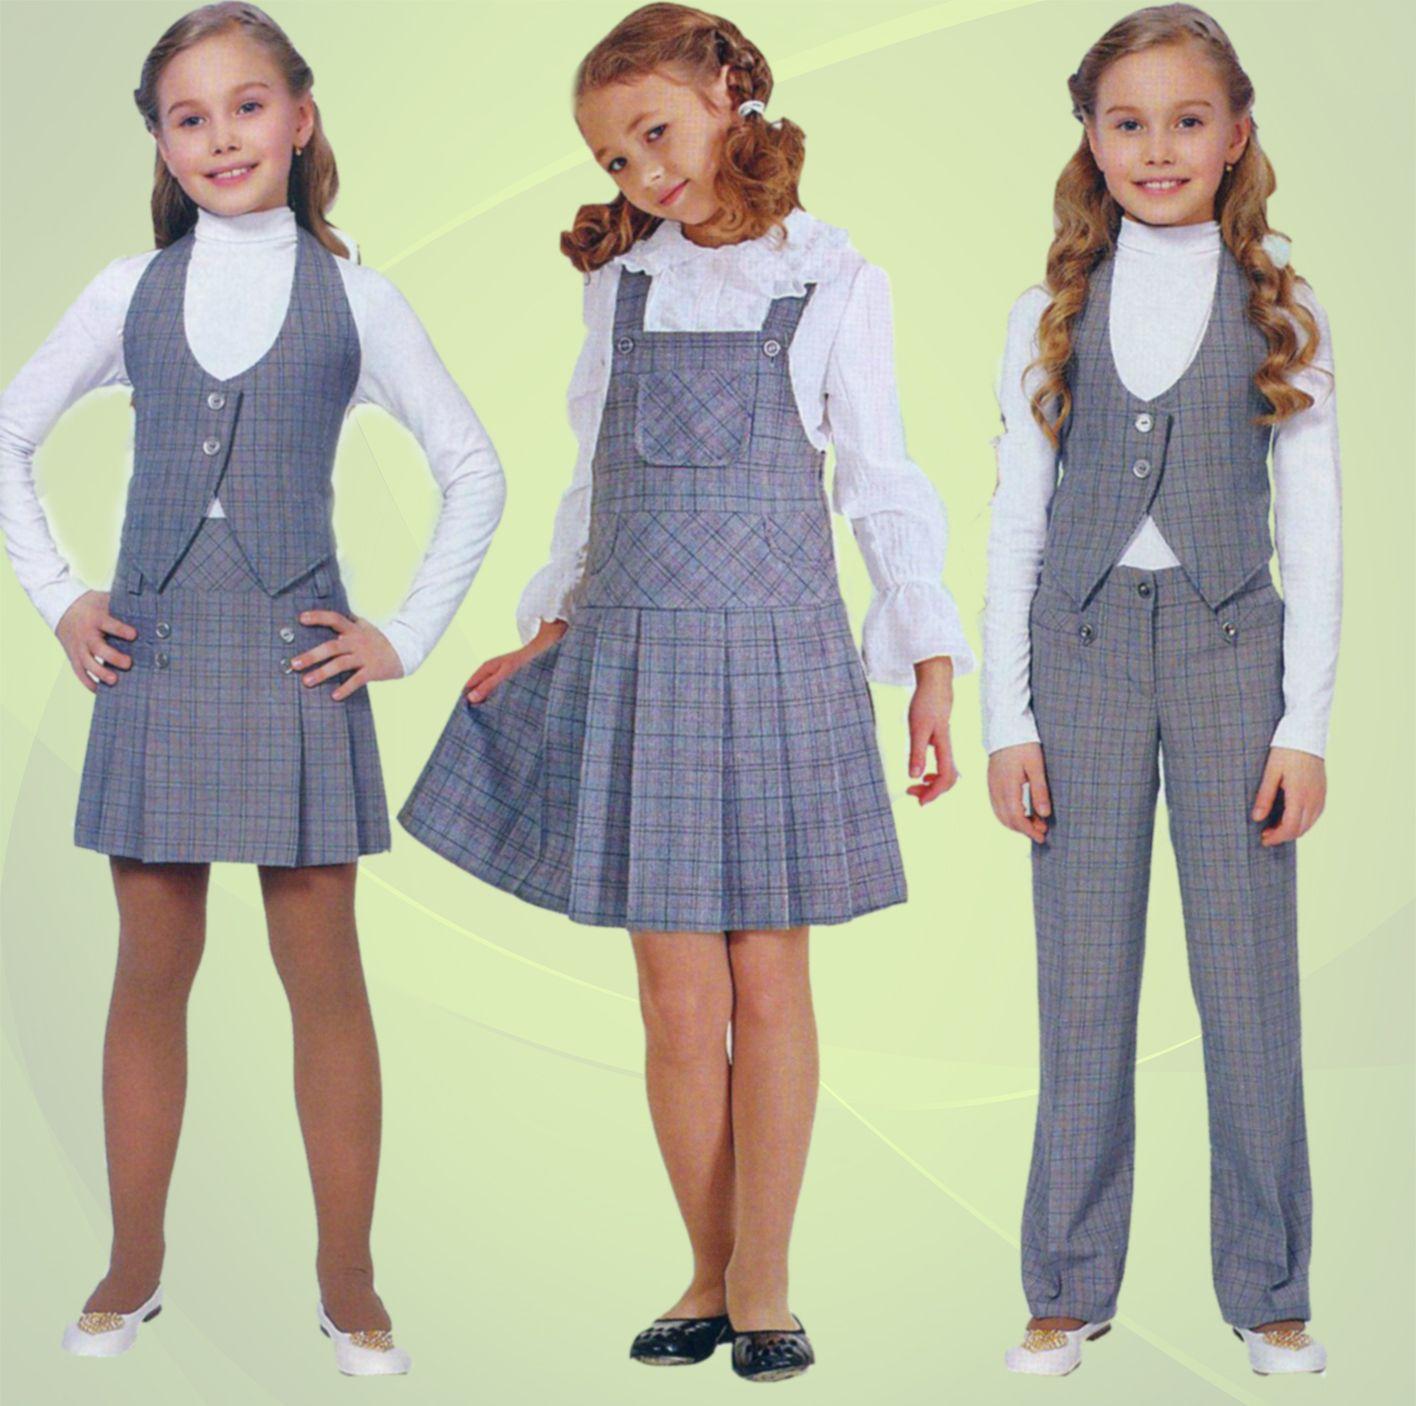 20f240c9721c Какая бывает серая школьная форма. Интернет-магазин Kinderly.ru ...